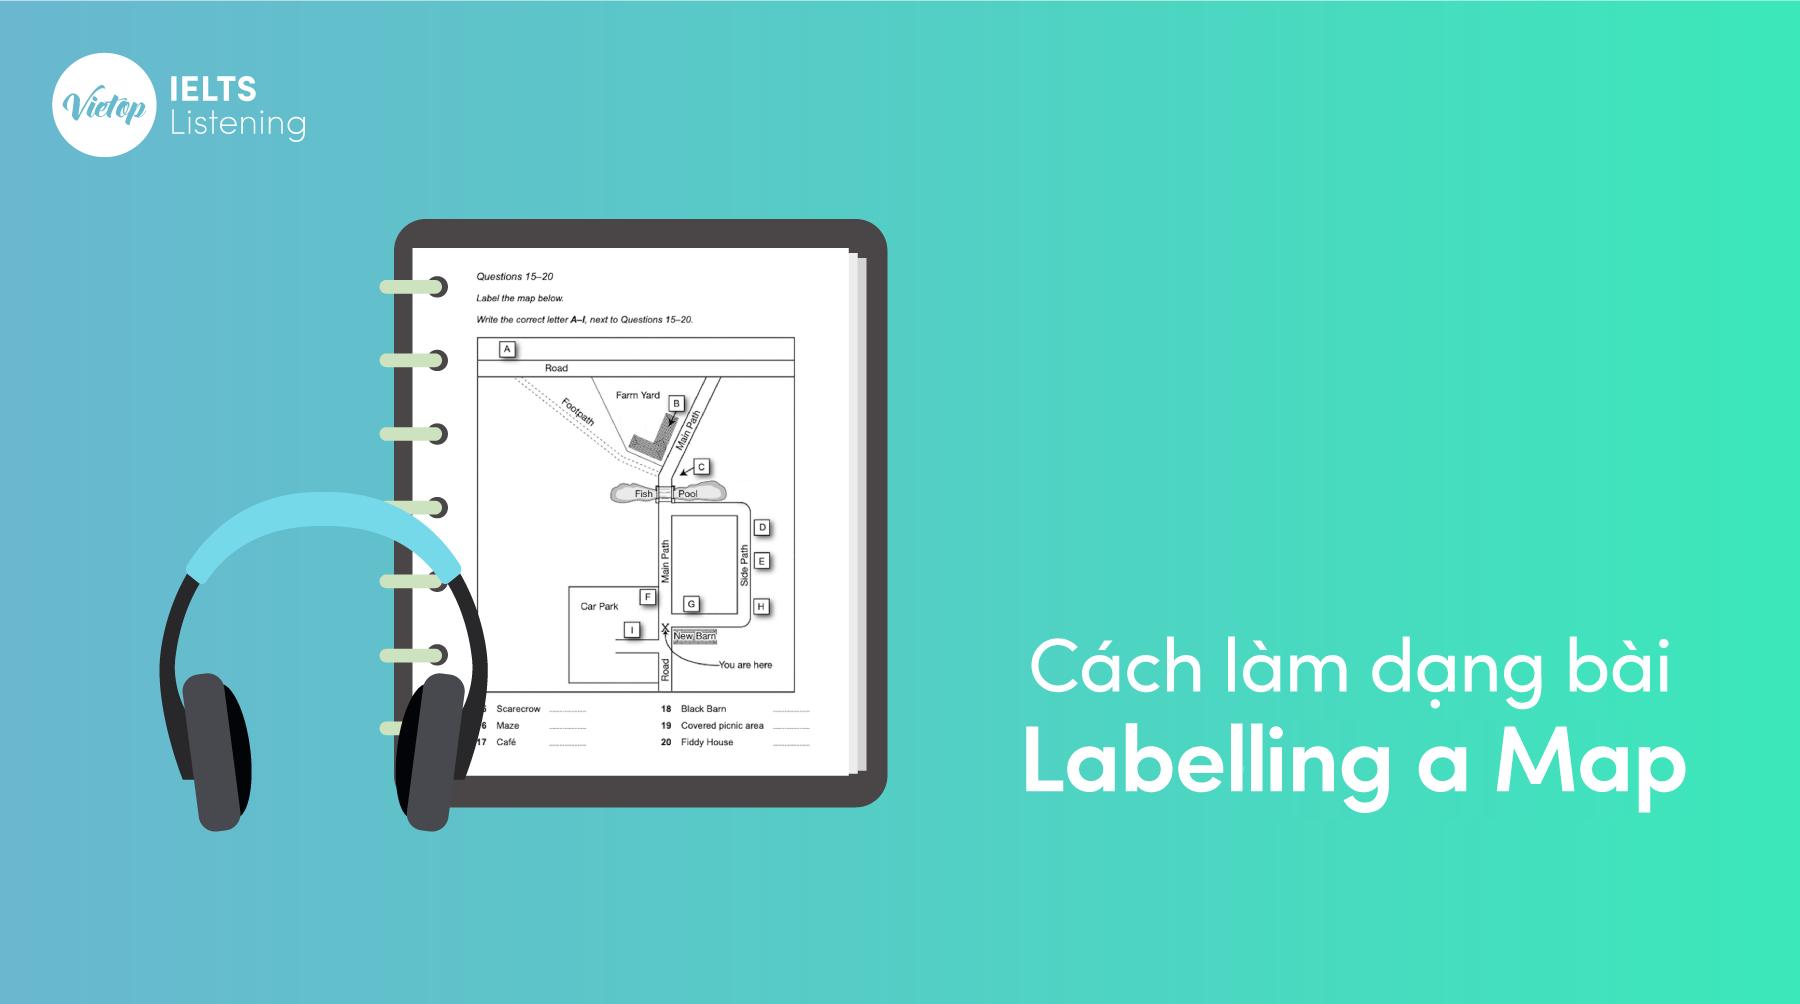 Cách làm dạng bài Labelling a Map trong IELTS Listening giúp bạn đạt điểm cao